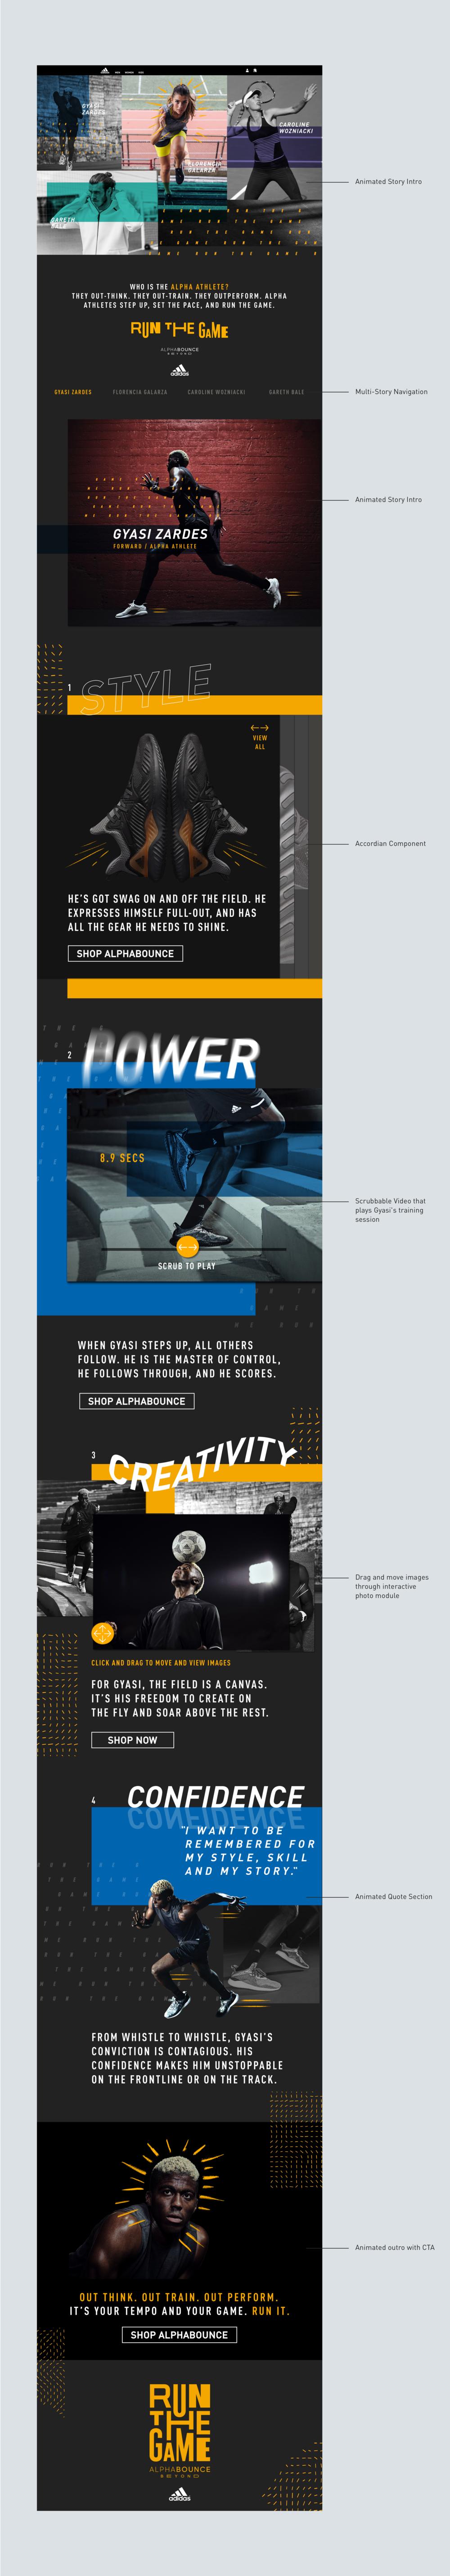 addidas_desktop_revised.png